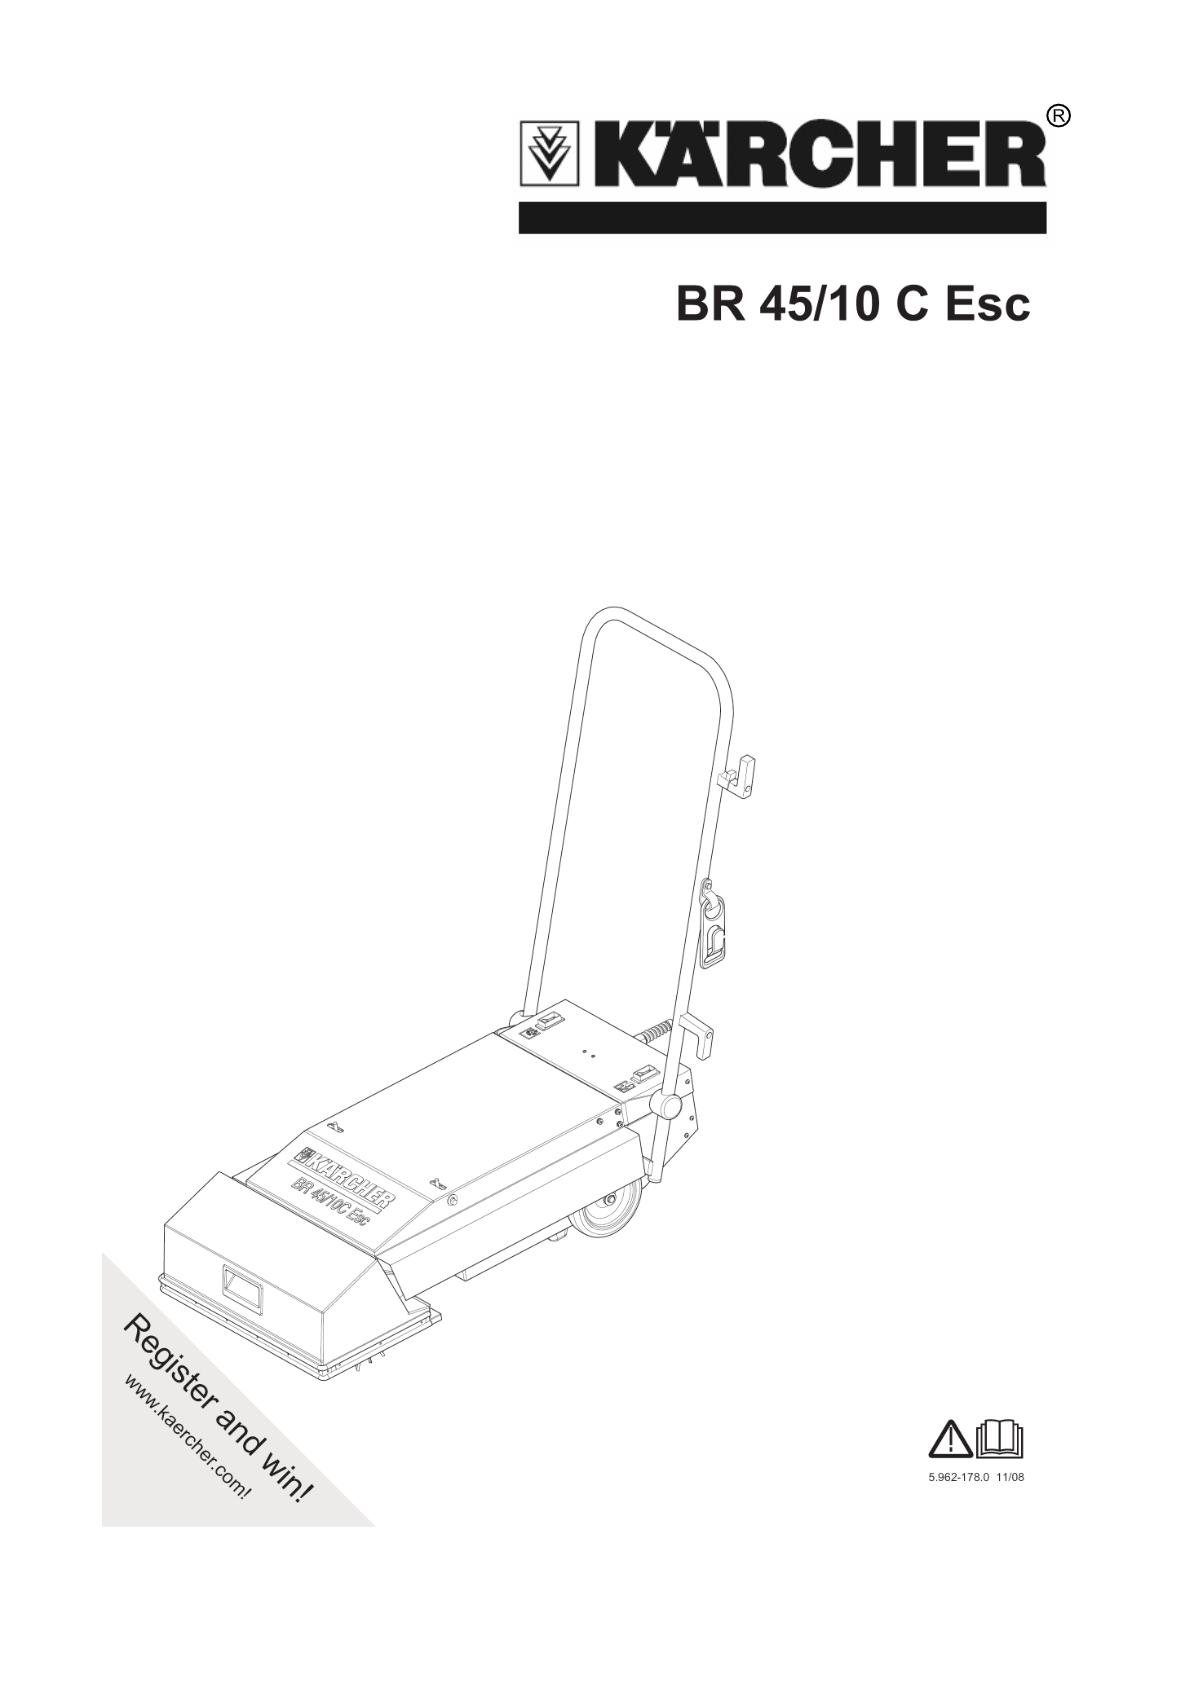 扶梯清洗机 BR 45/10 ESC  说明书说明书下载